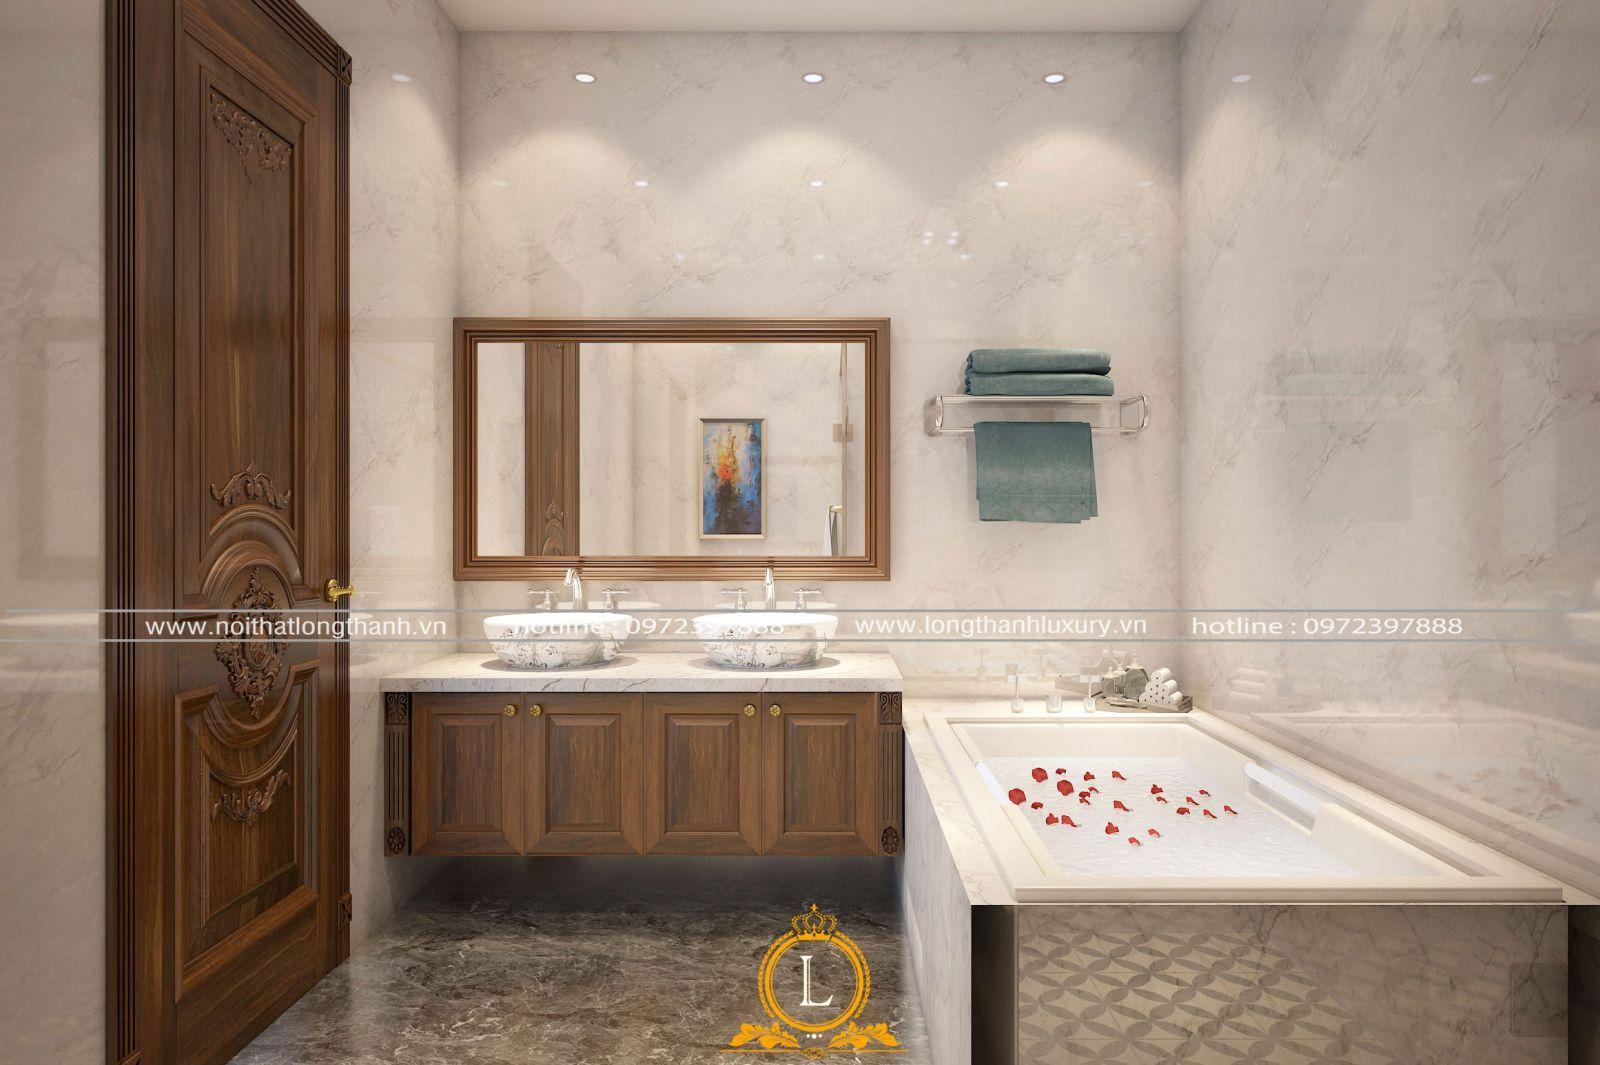 Phòng ngủ được bố trí nhà tắm khép kín